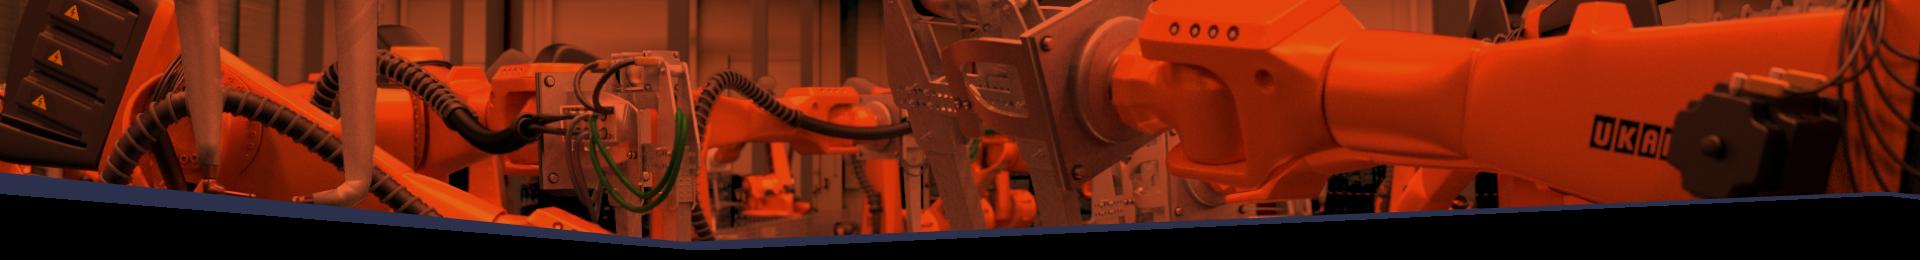 celula robotizada